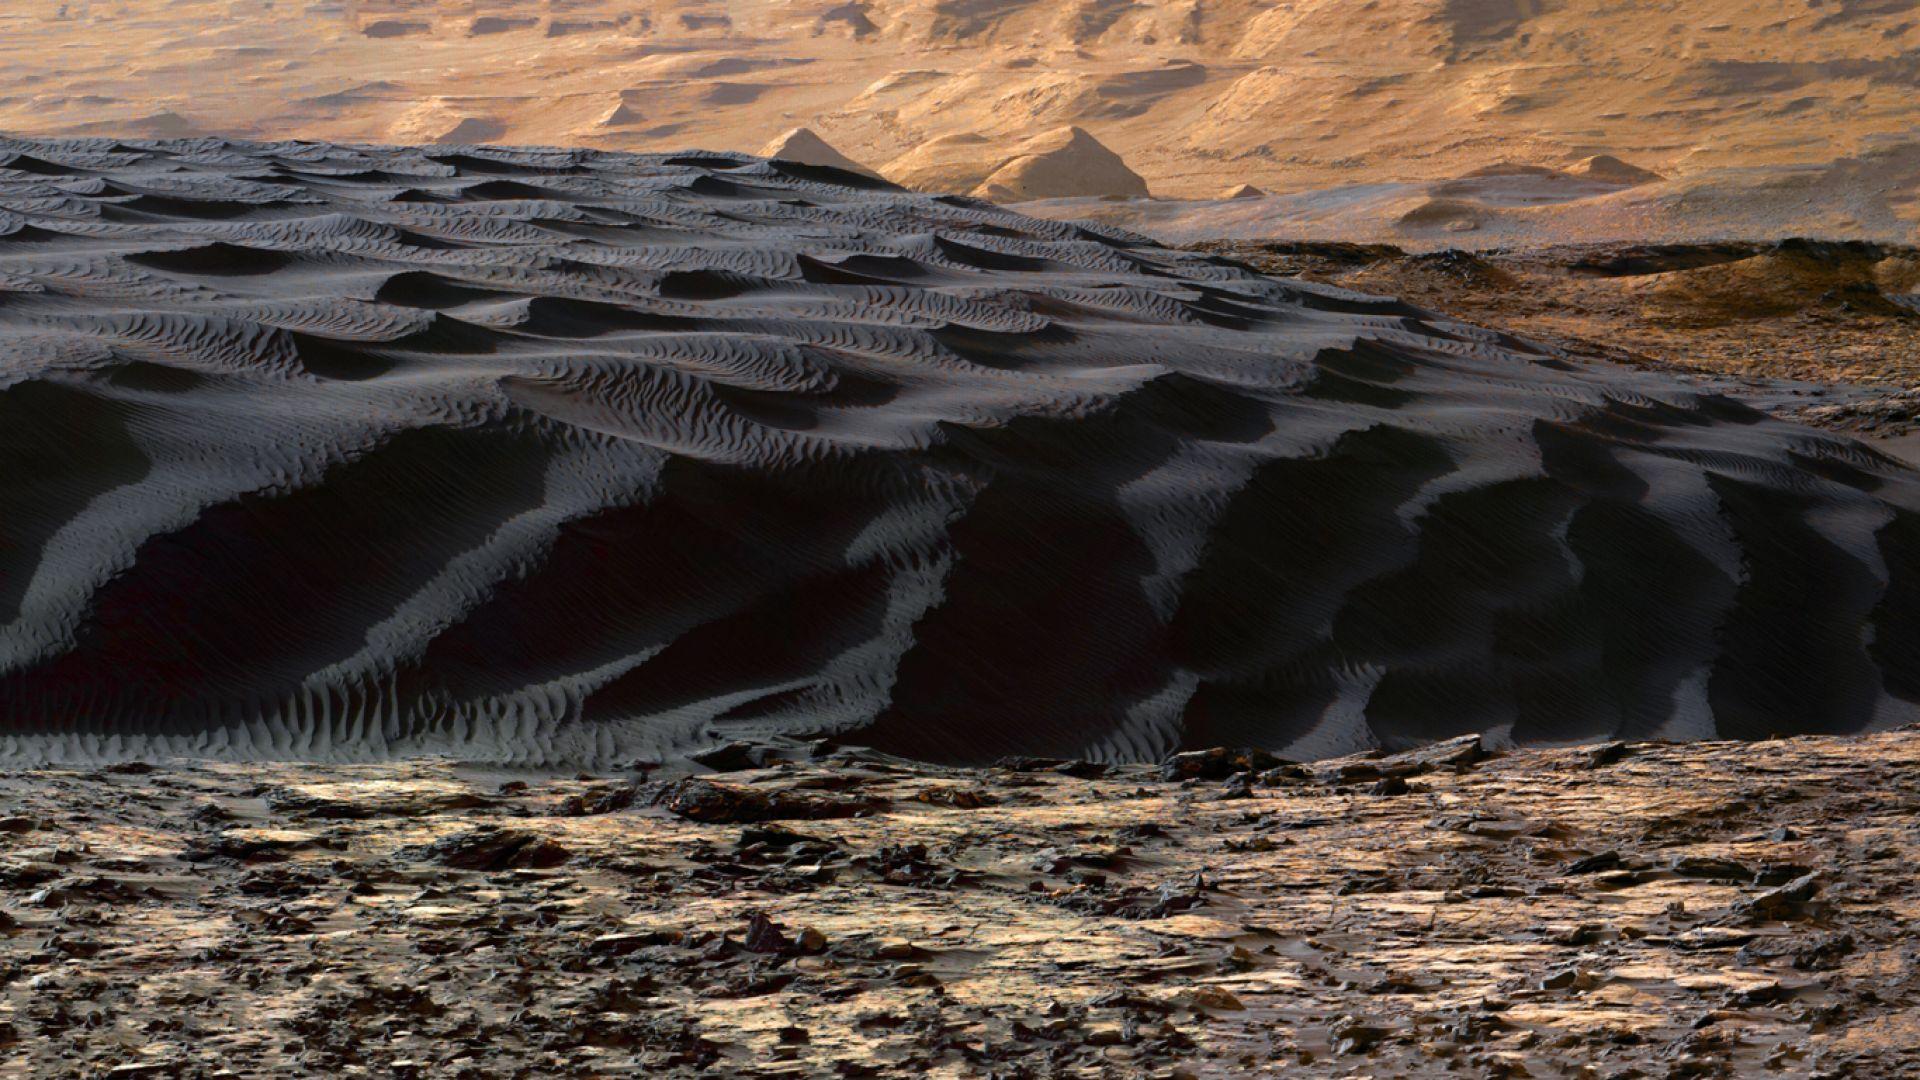 Къде може да има живот на Марс?